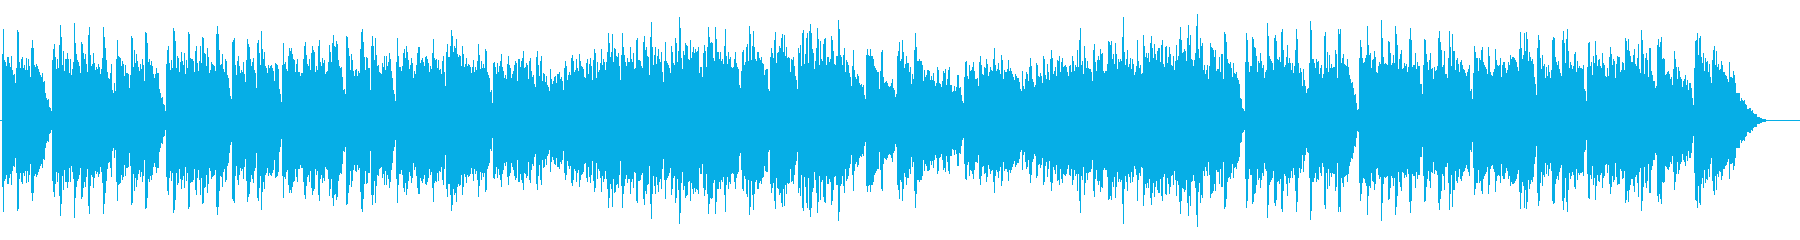 豪華で厳かなウエディングソング風BGMの再生済みの波形